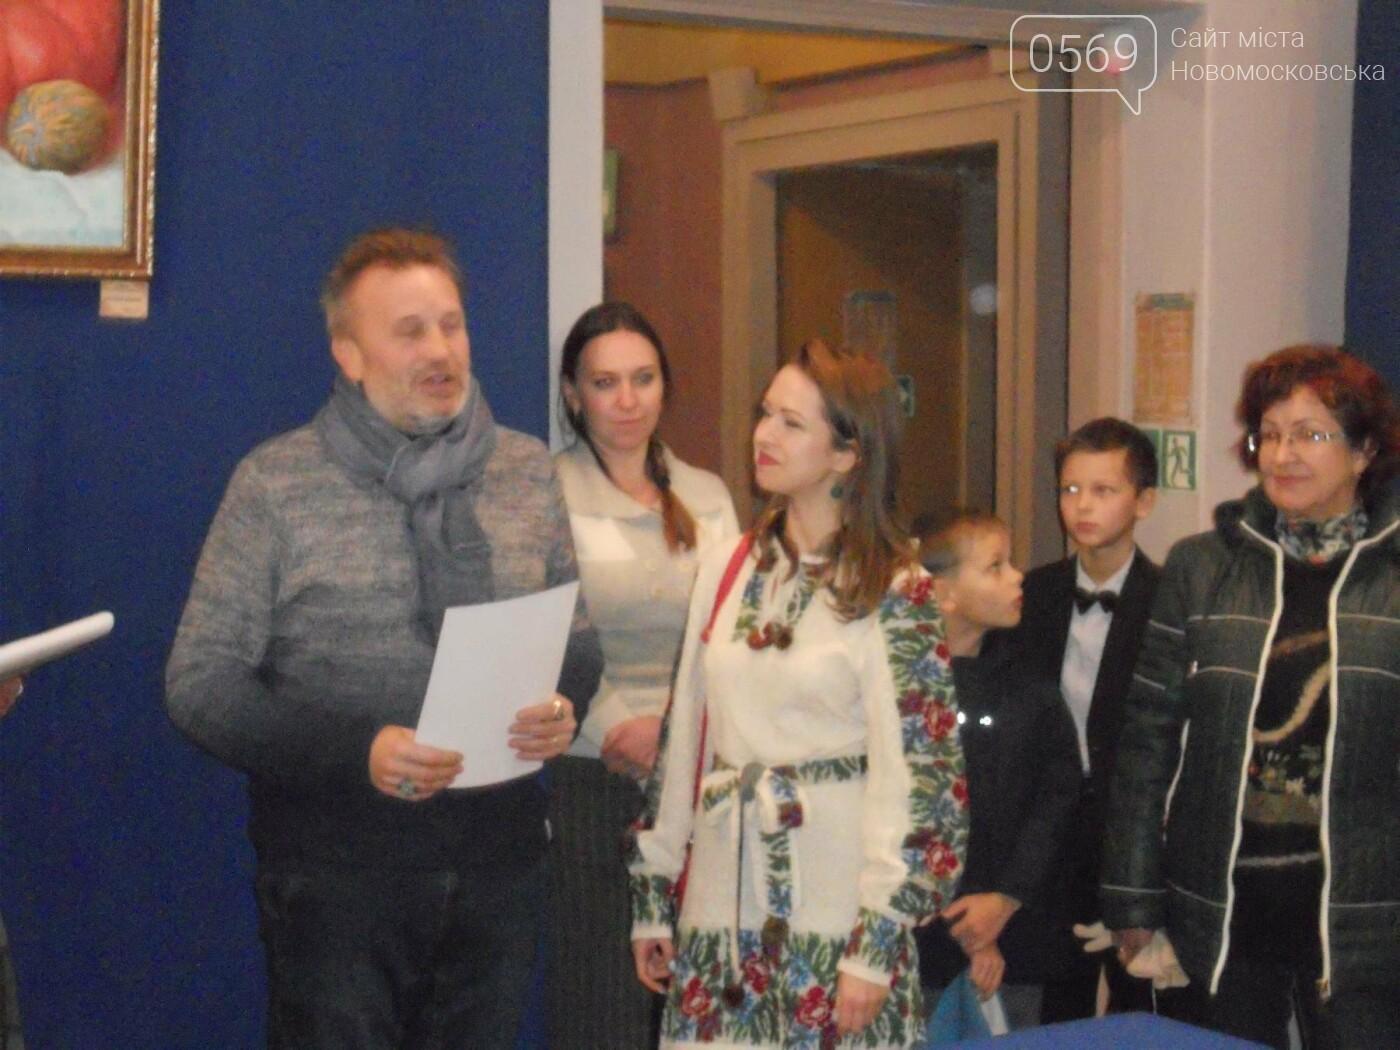 В Новомосковске открылась выставка молодых художников, фото-13